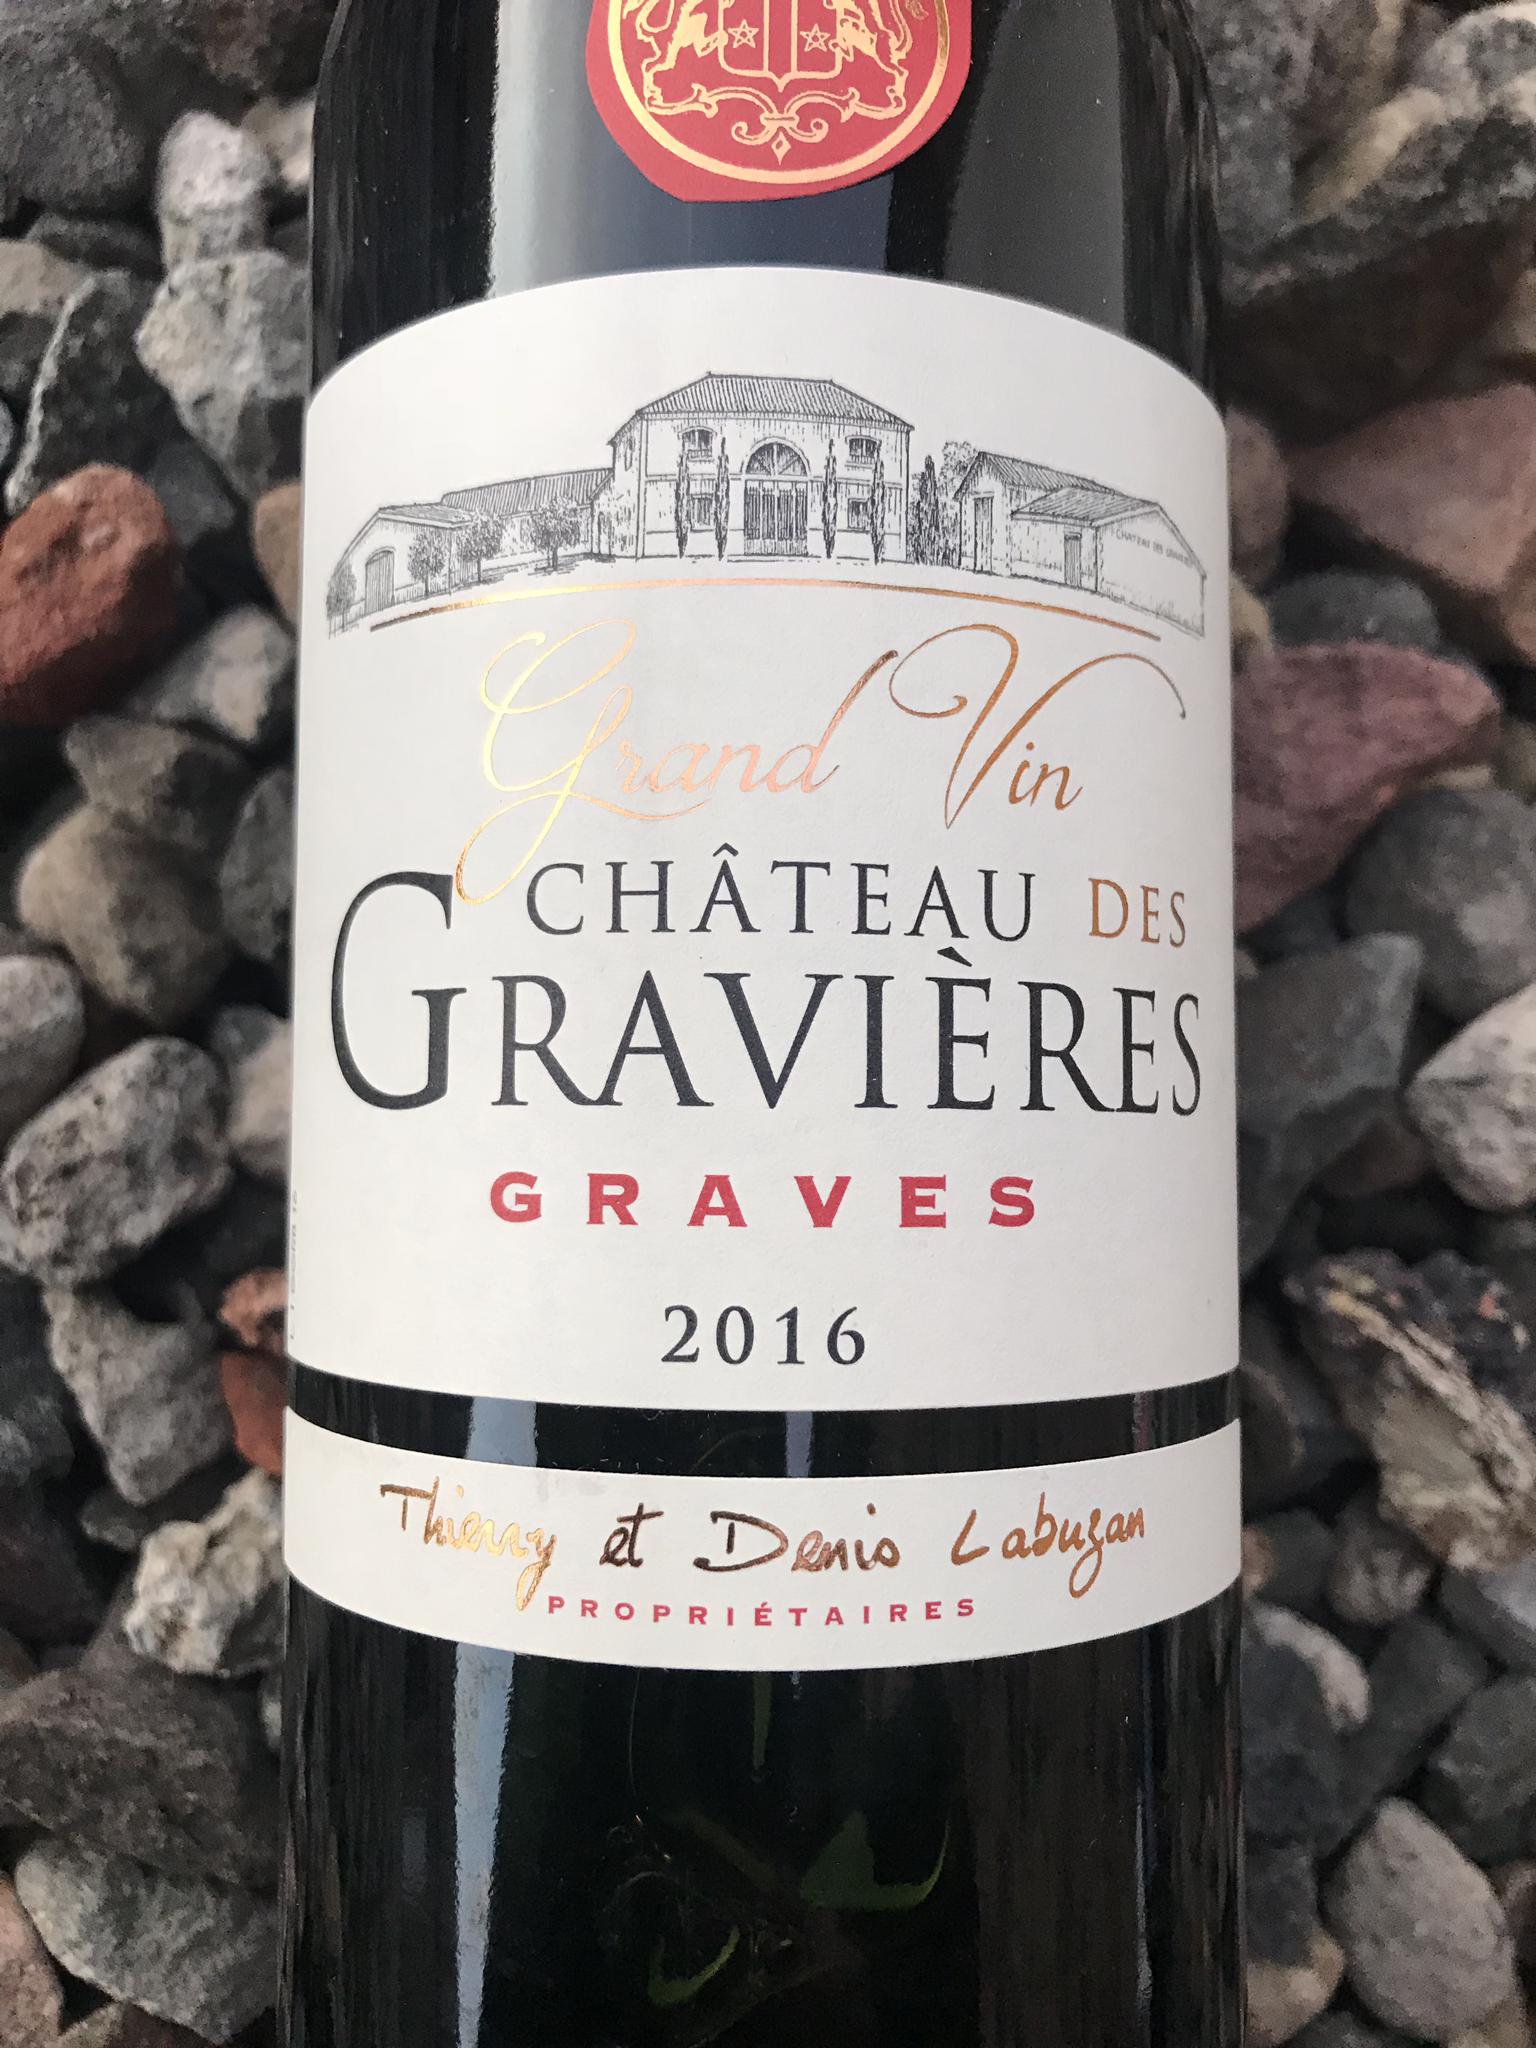 Chateau de Gravieres, Graves, 2016